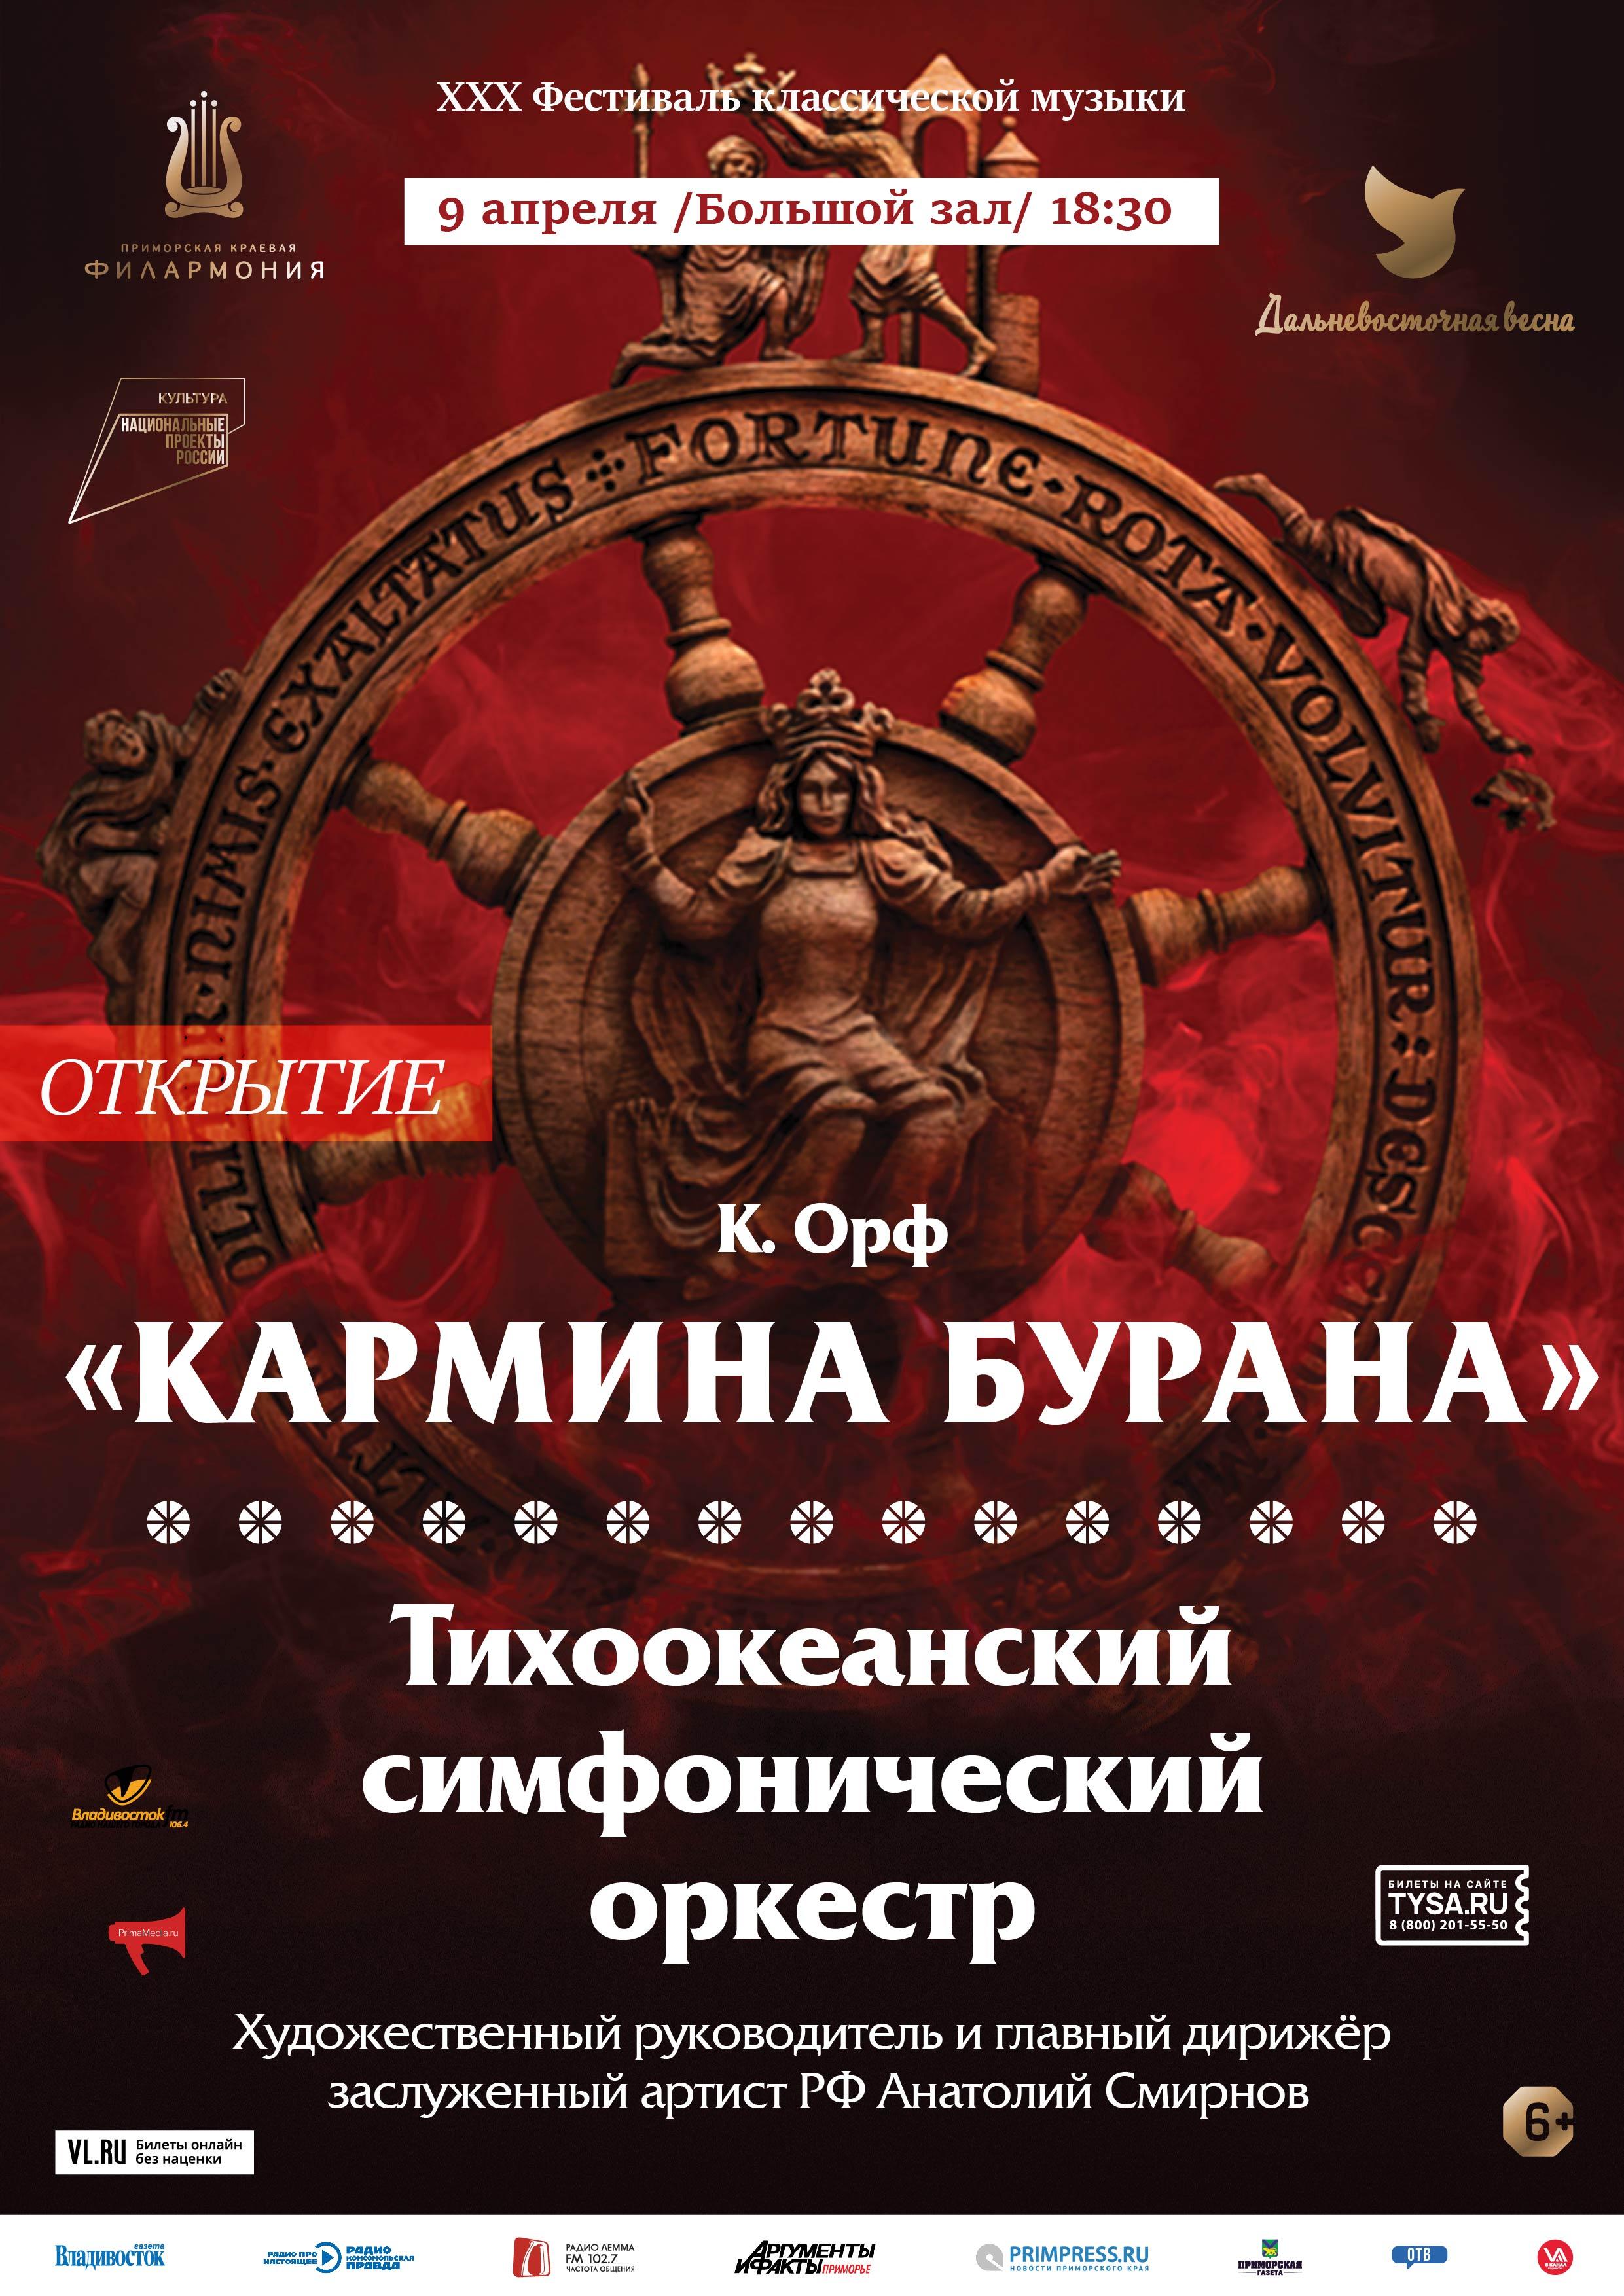 9 апреля Концертная программа «Кармина Бурана»